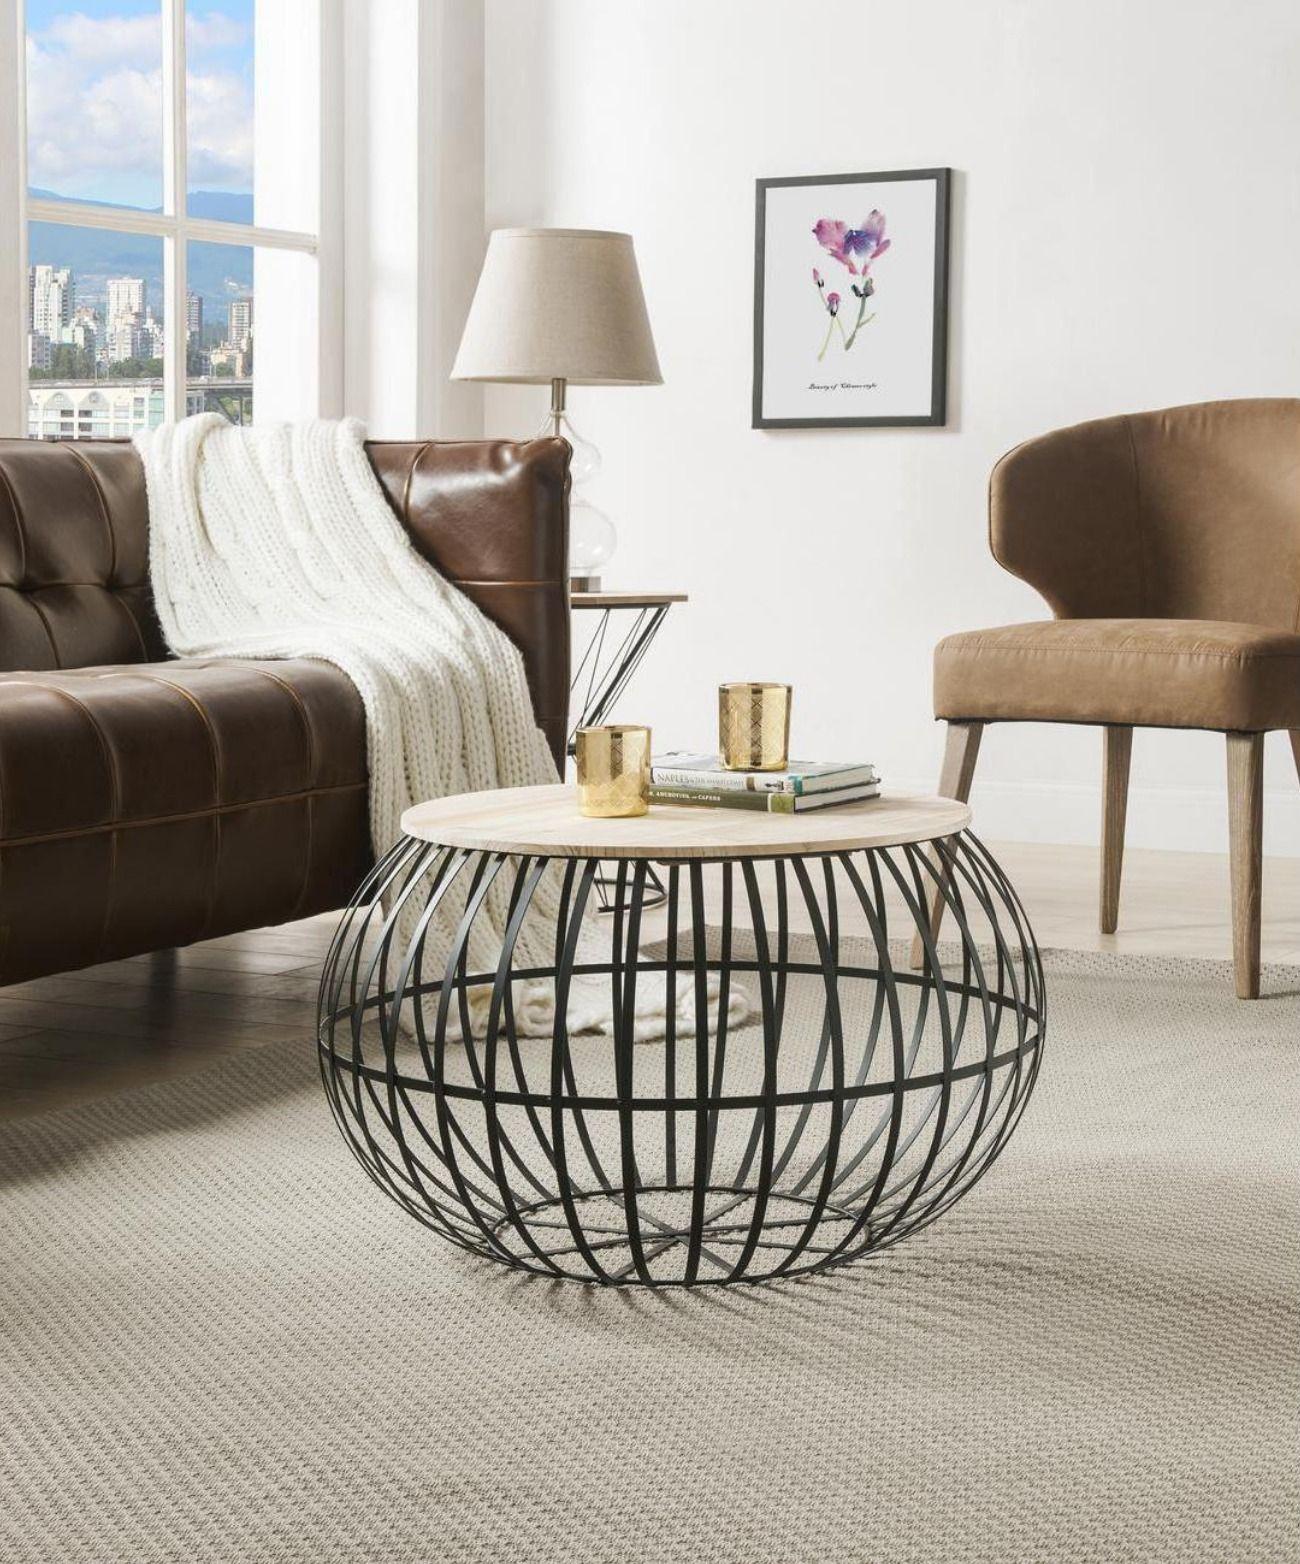 La Table Basse Ralph By Bobochic Propose Un Style De Type Industriel Table Basse Decoration Maison Mobilier De Salon